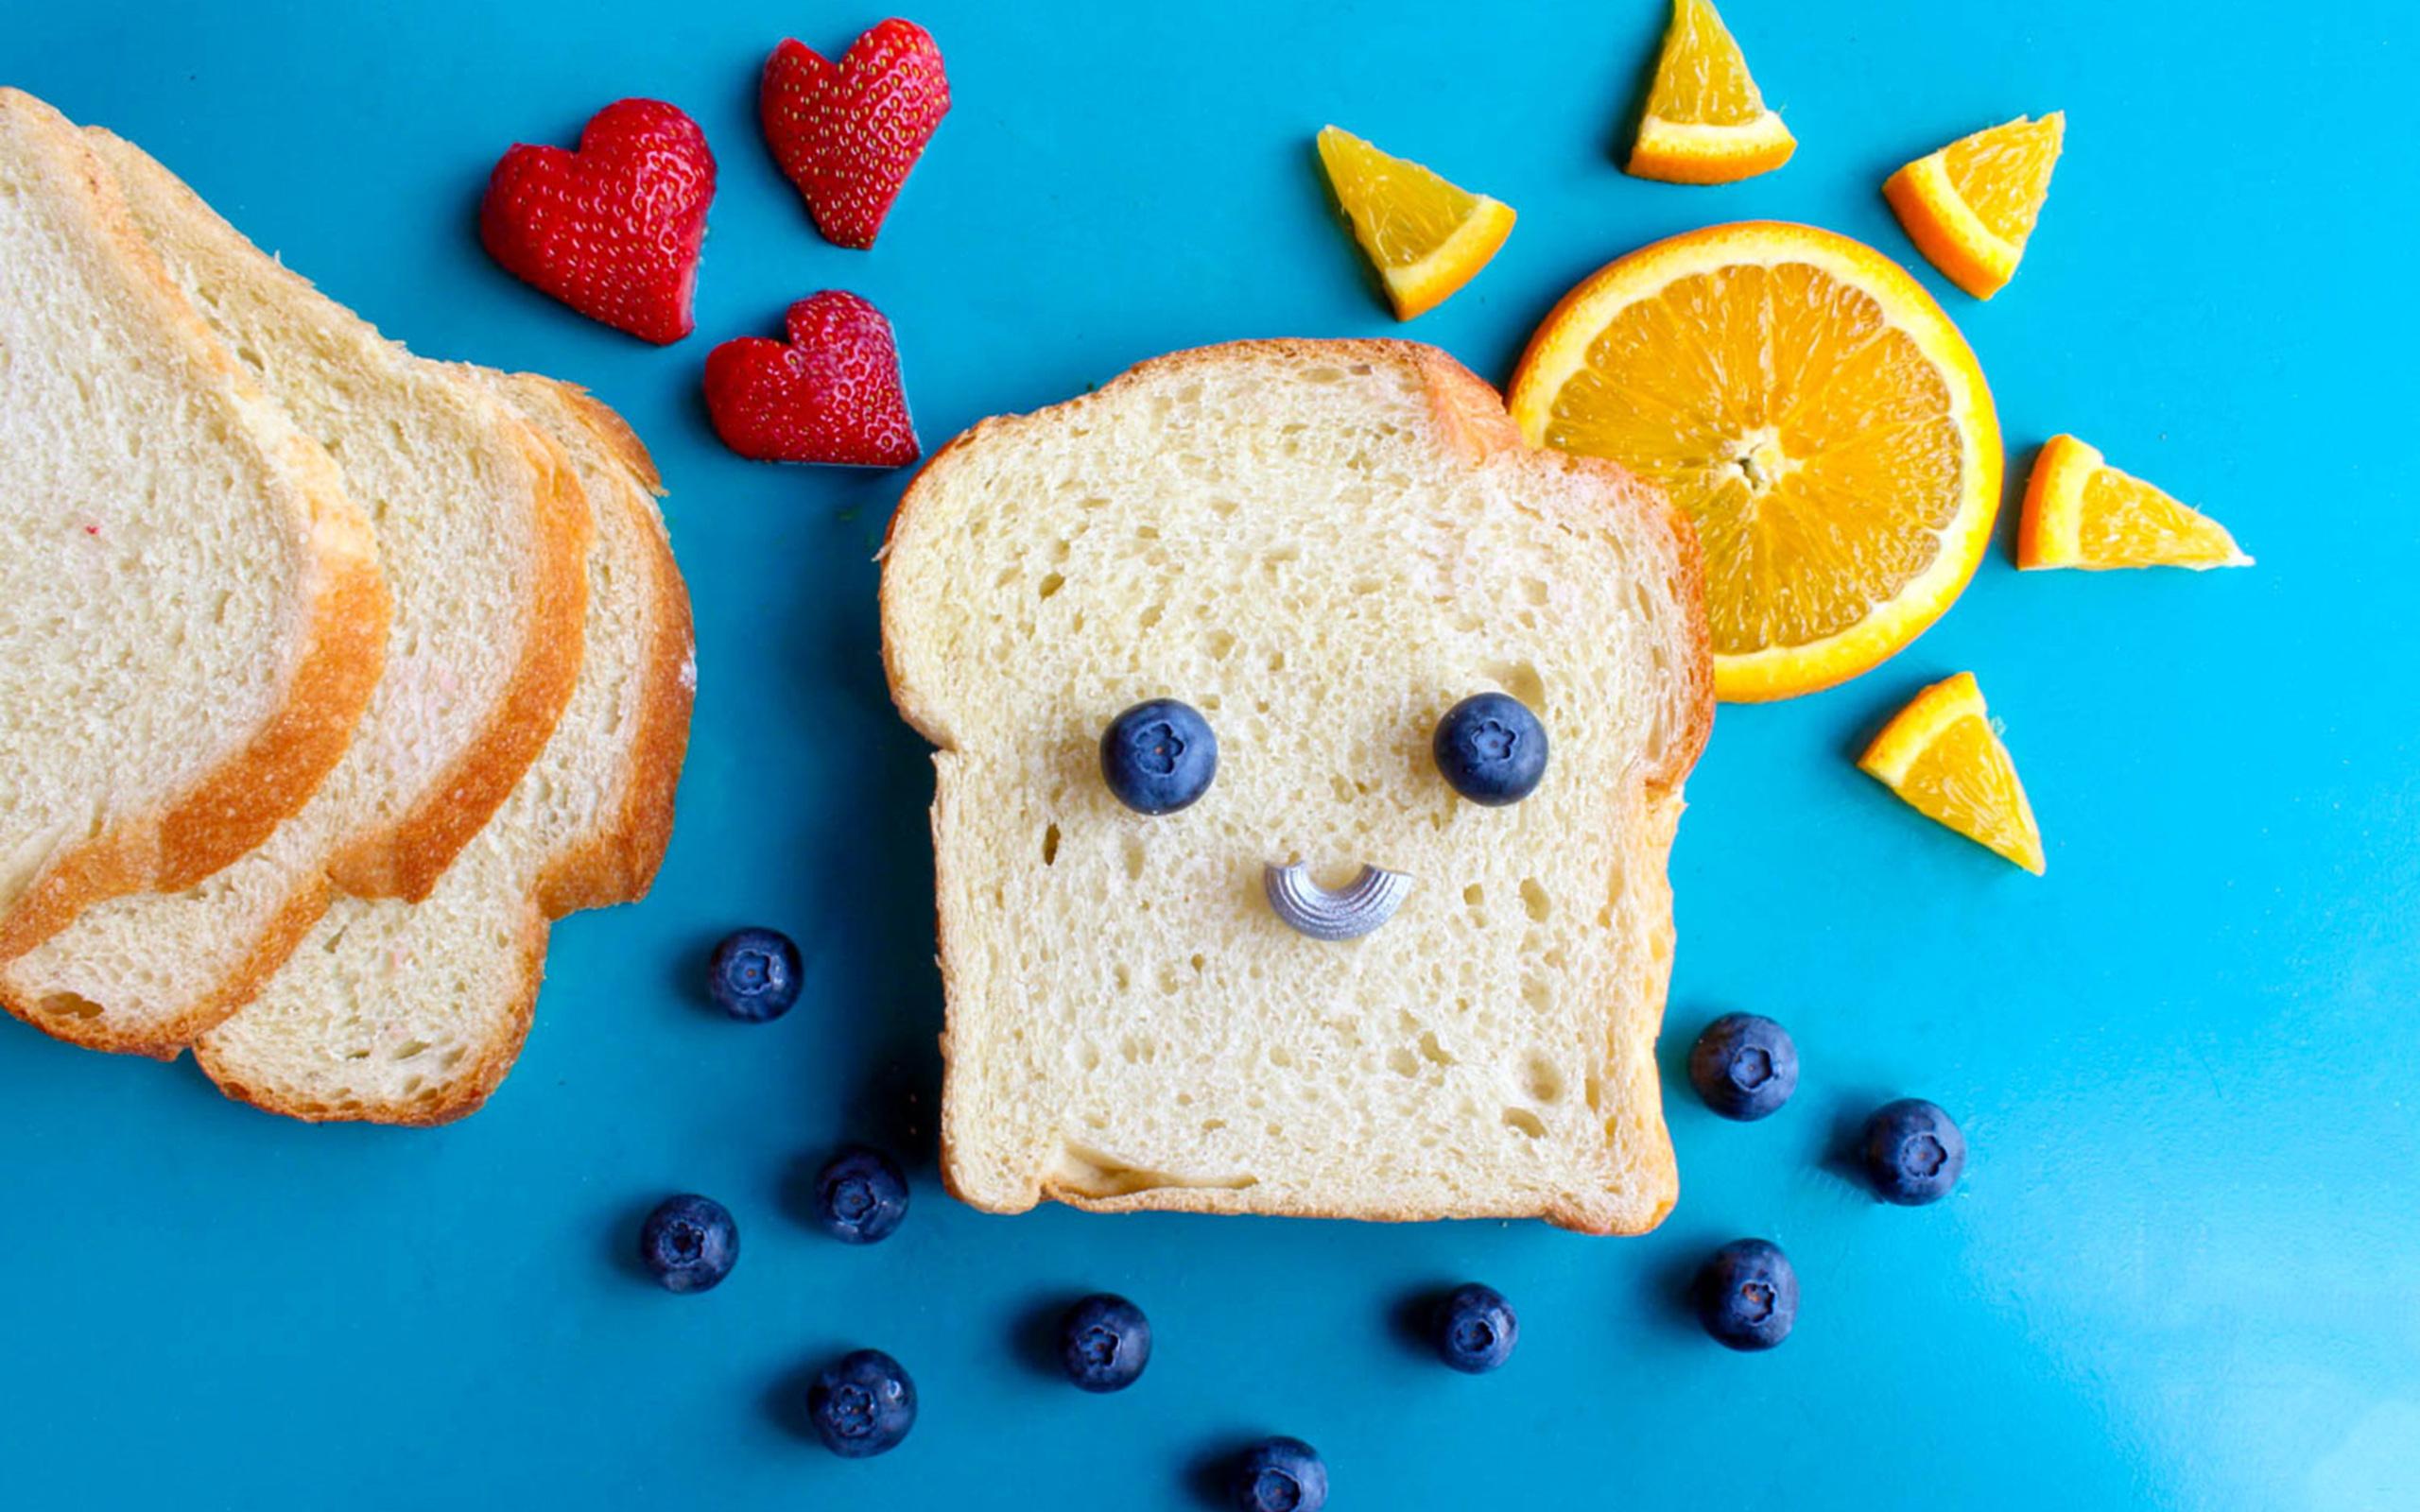 bread-blueberries-orange-strawberries-food-art-qx.jpg